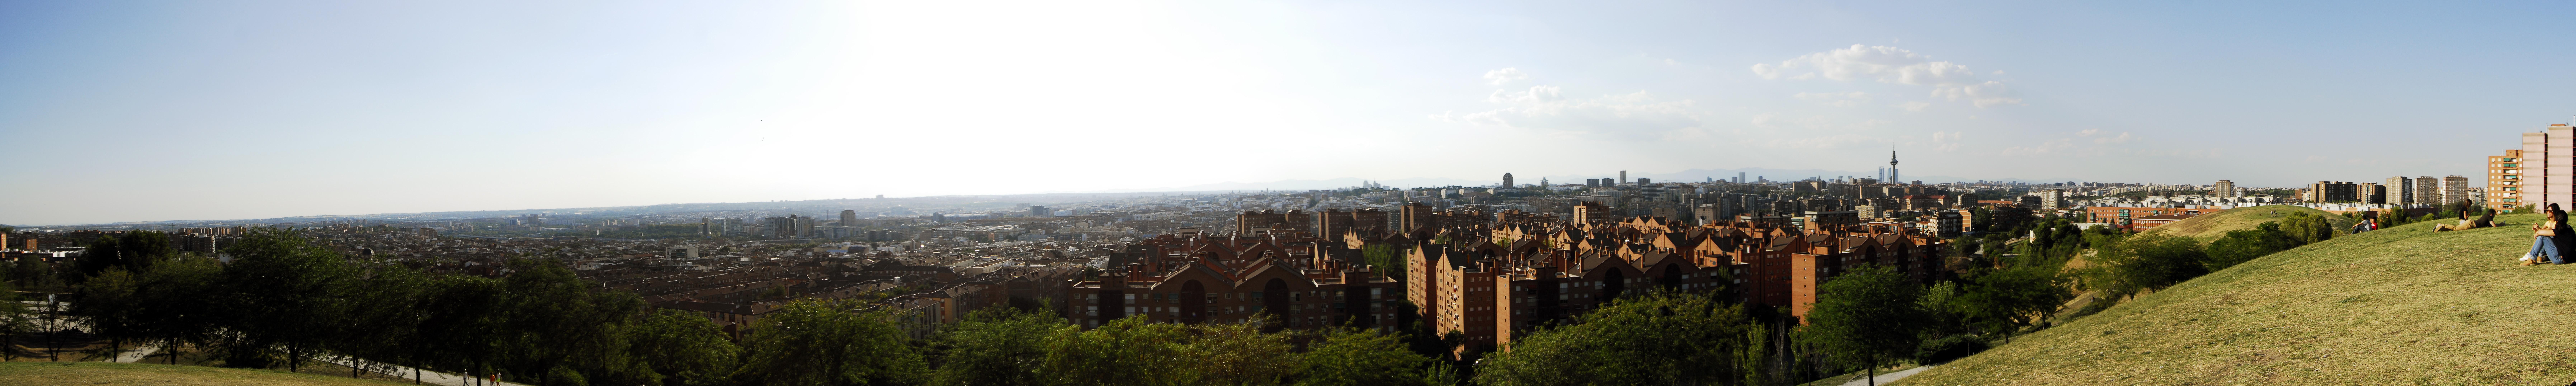 parque siete tetas cerro tio pio madrid panorama cidade curiosidades o que fazer em madrid